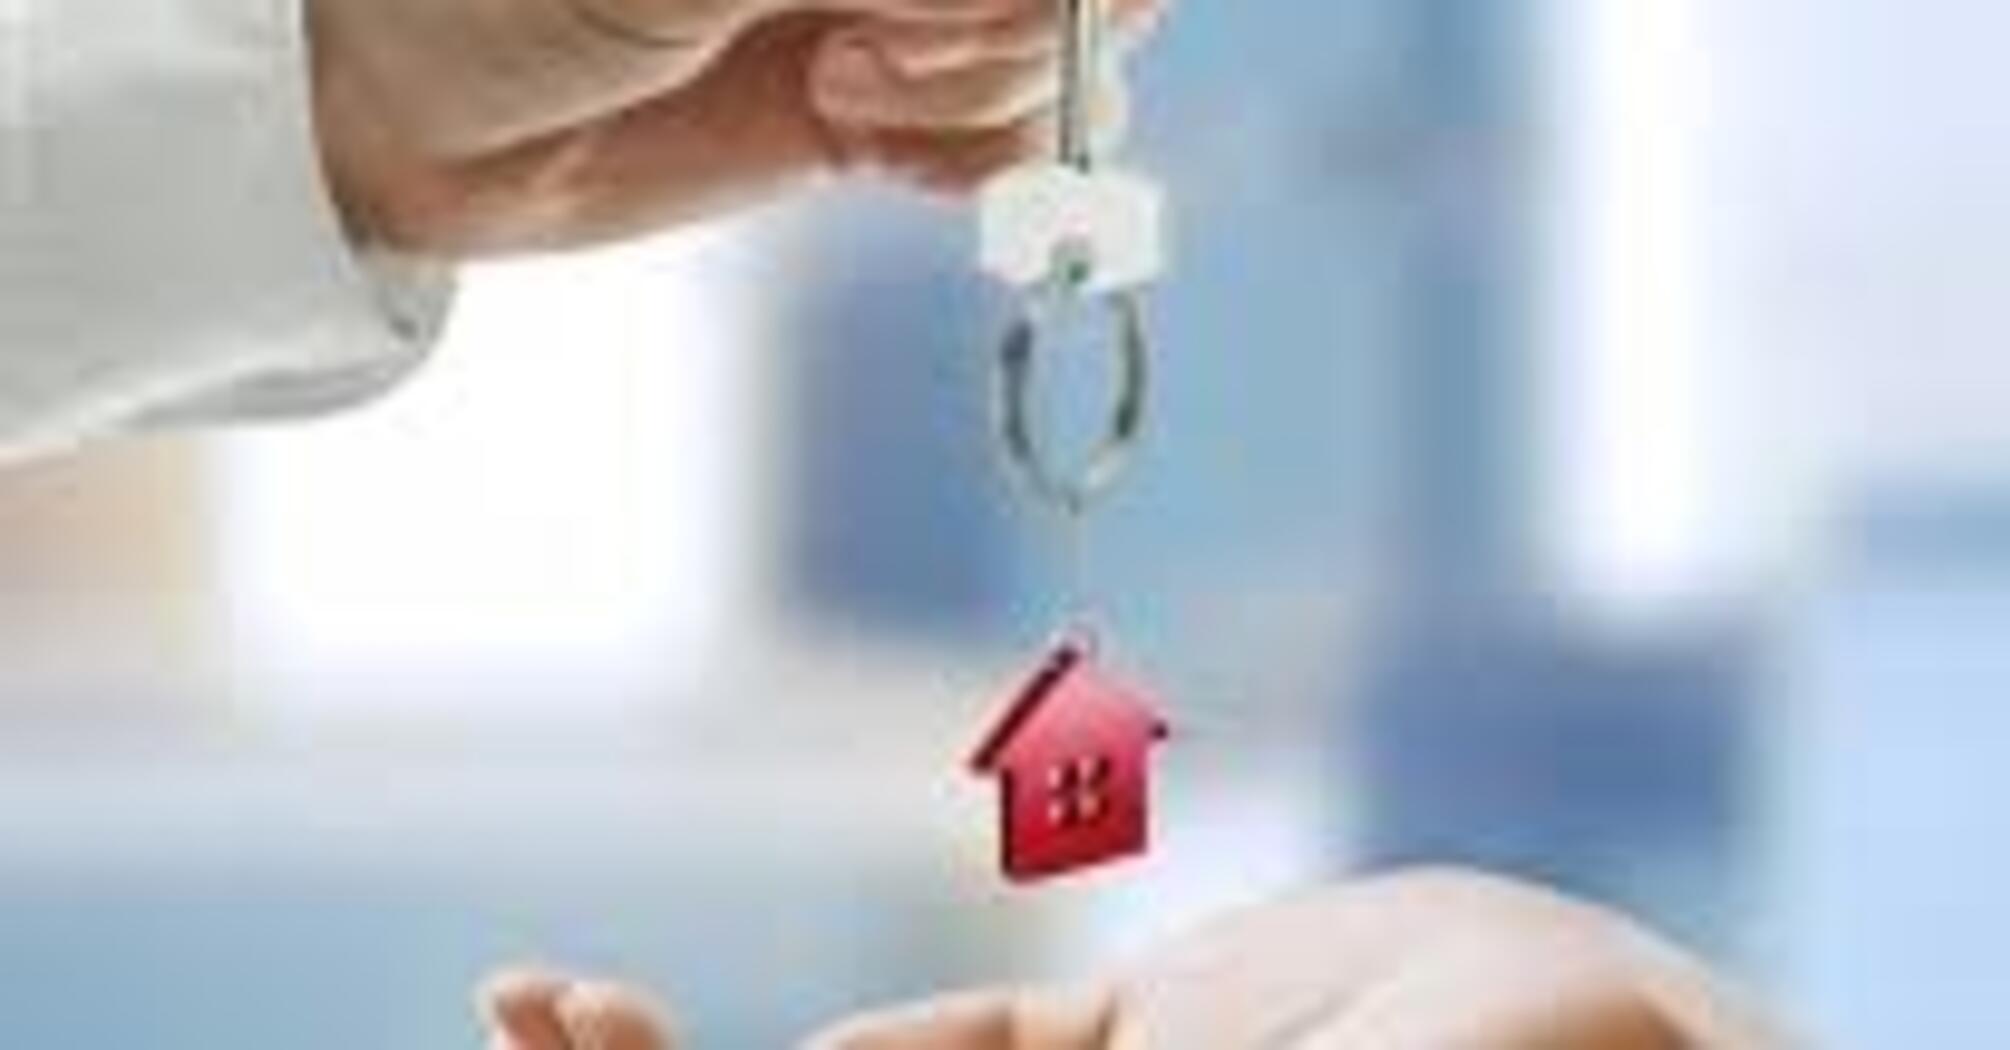 Іпотека в Україні під 7 відсотків: за два місяці видано 238 кредитів